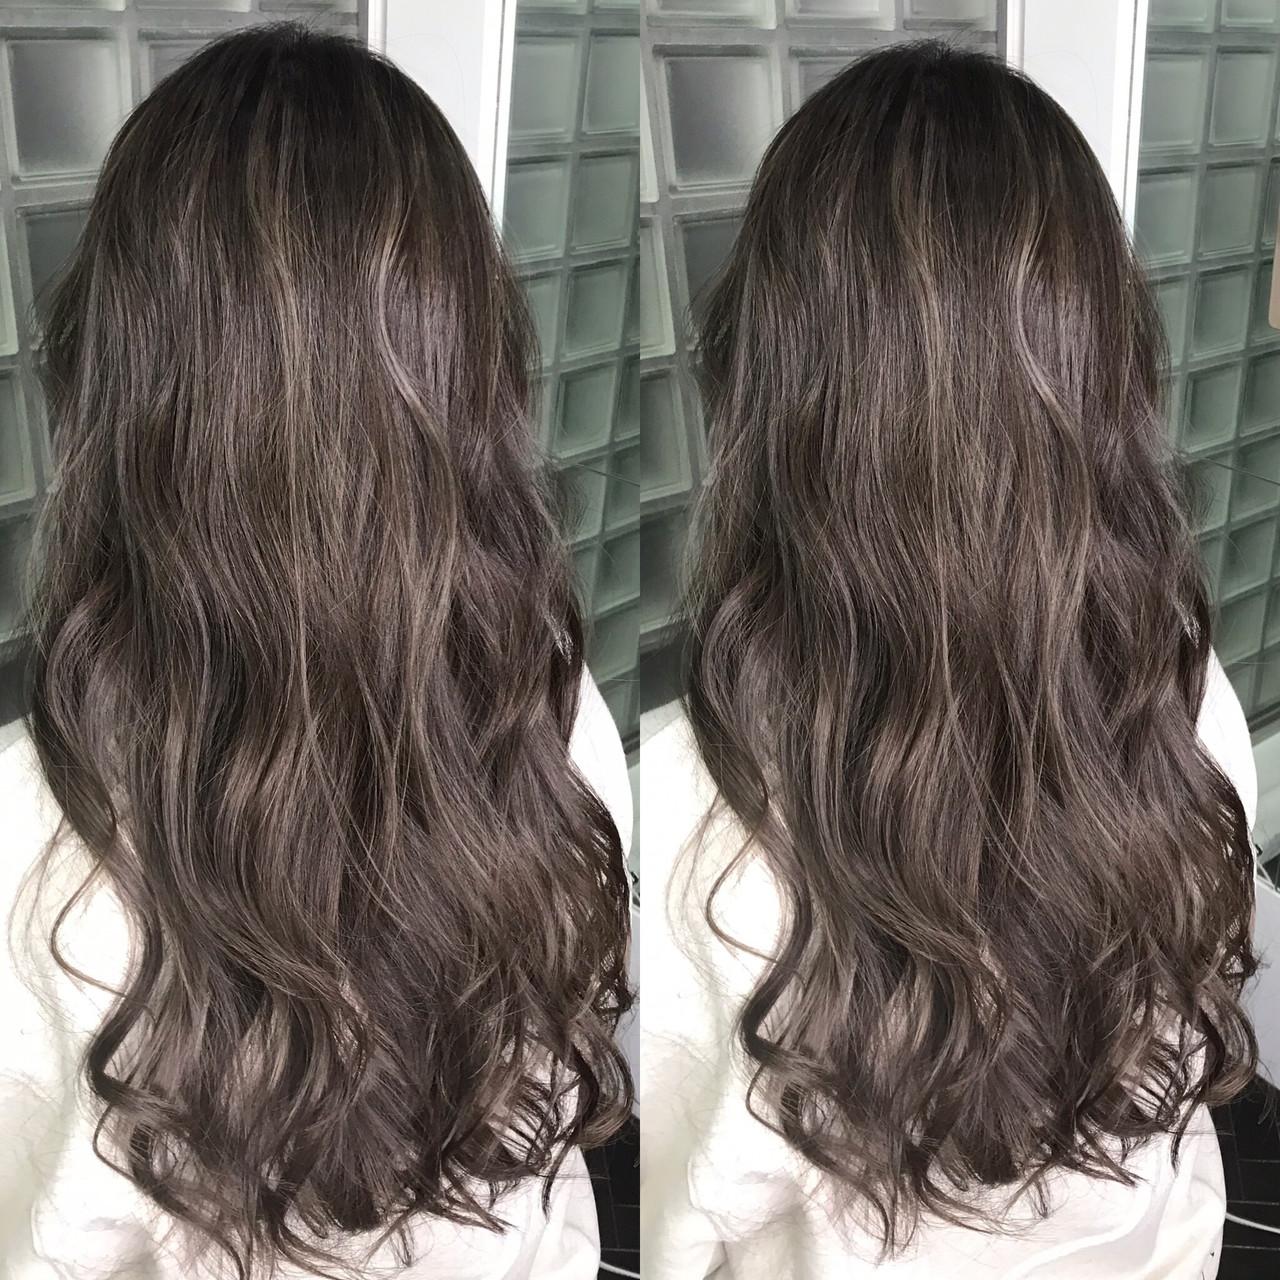 暗髪 ハイライト 上品 アッシュグレージュヘアスタイルや髪型の写真・画像